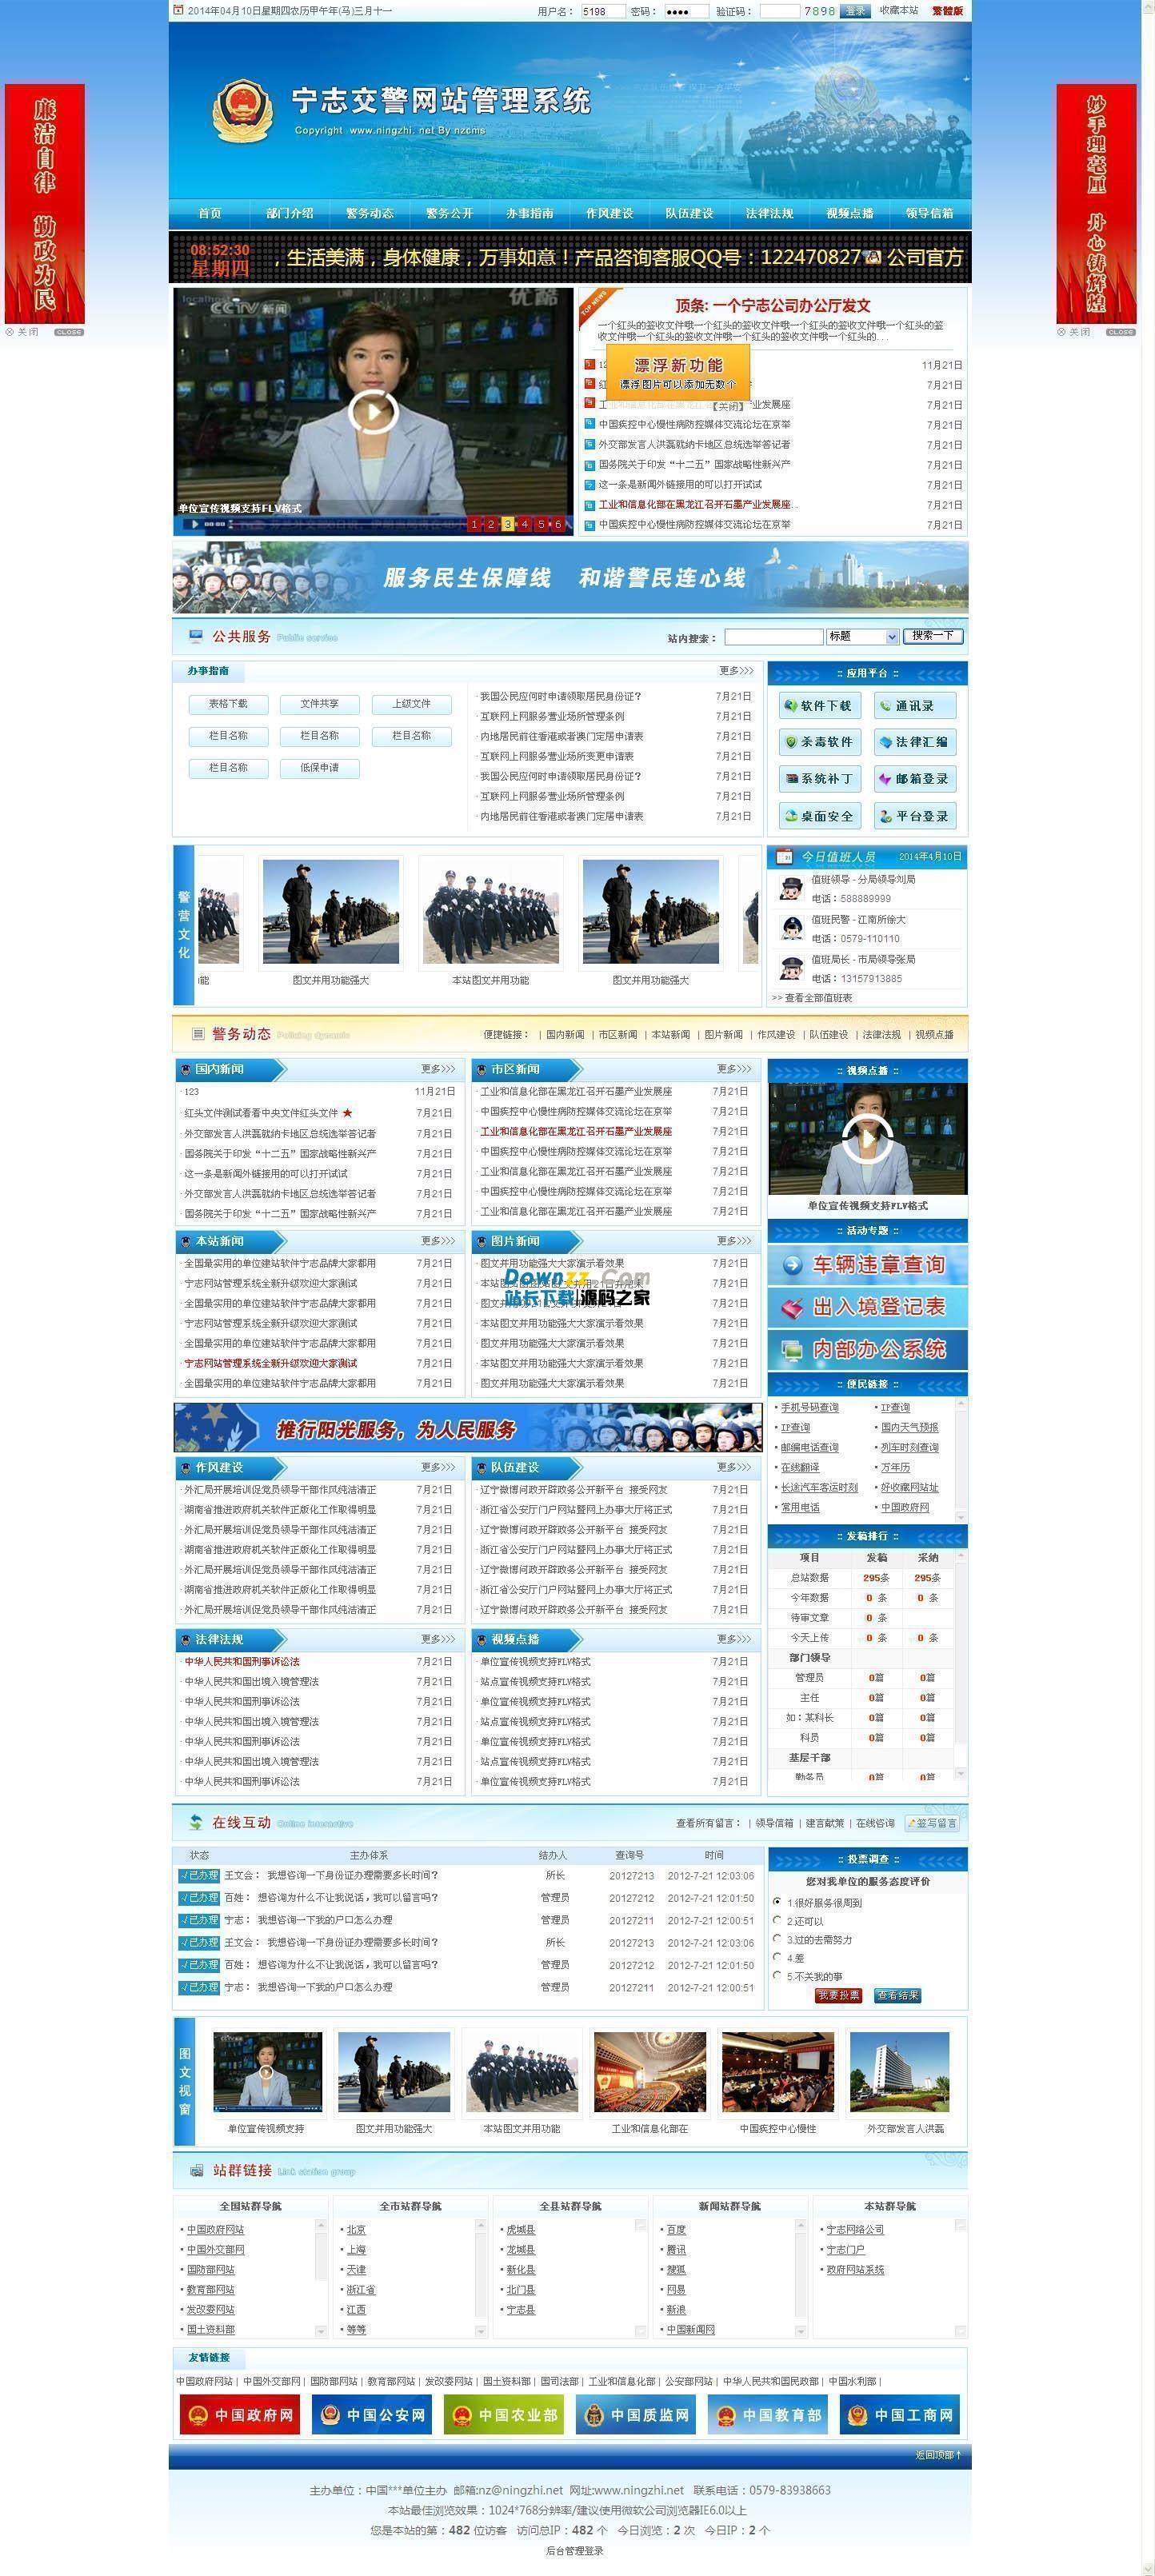 宁志交警队网站管理系统-蓝色模板 v18.5.4